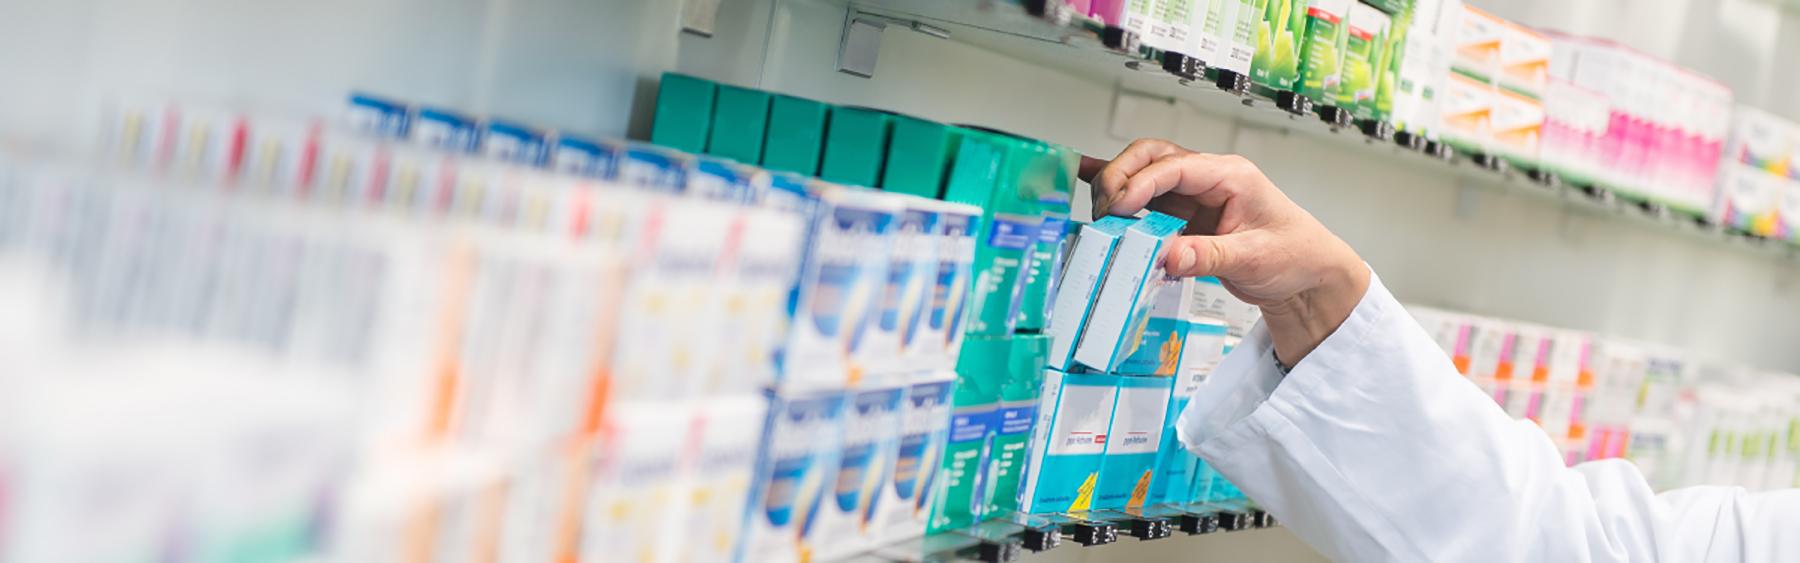 Pharmacist taking medication off of shelf